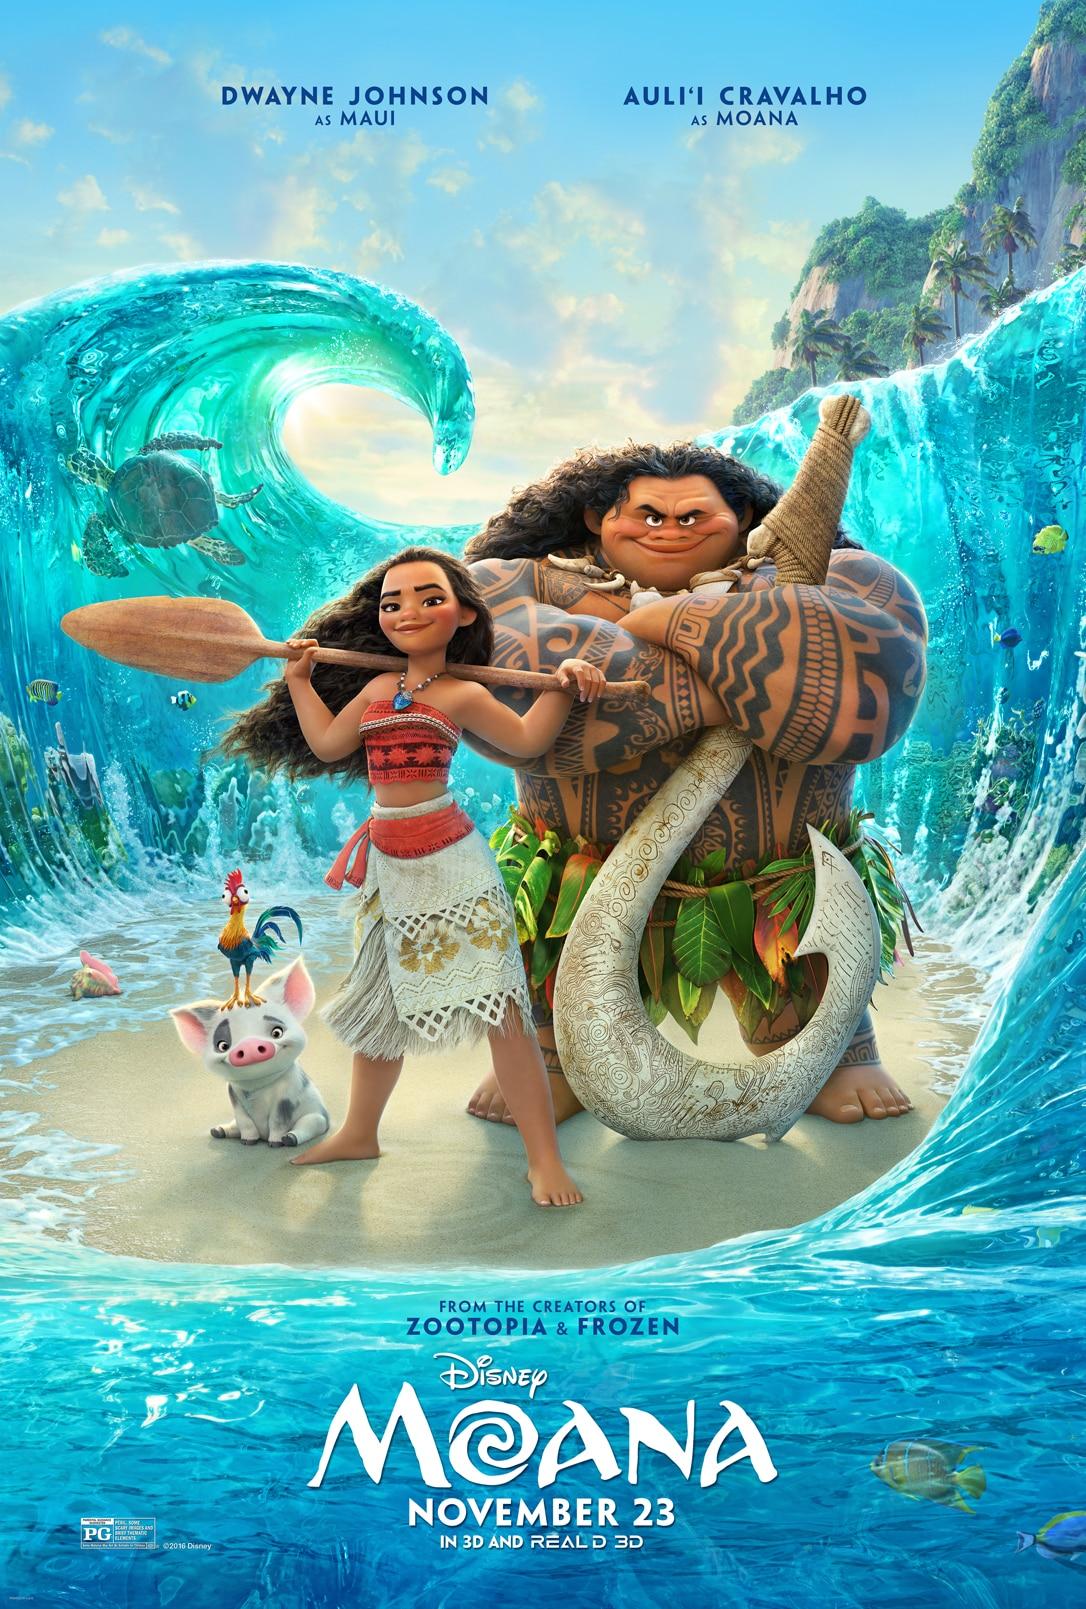 NEW Trailer for Disney's Moana - in Theaters November 23! #Moana